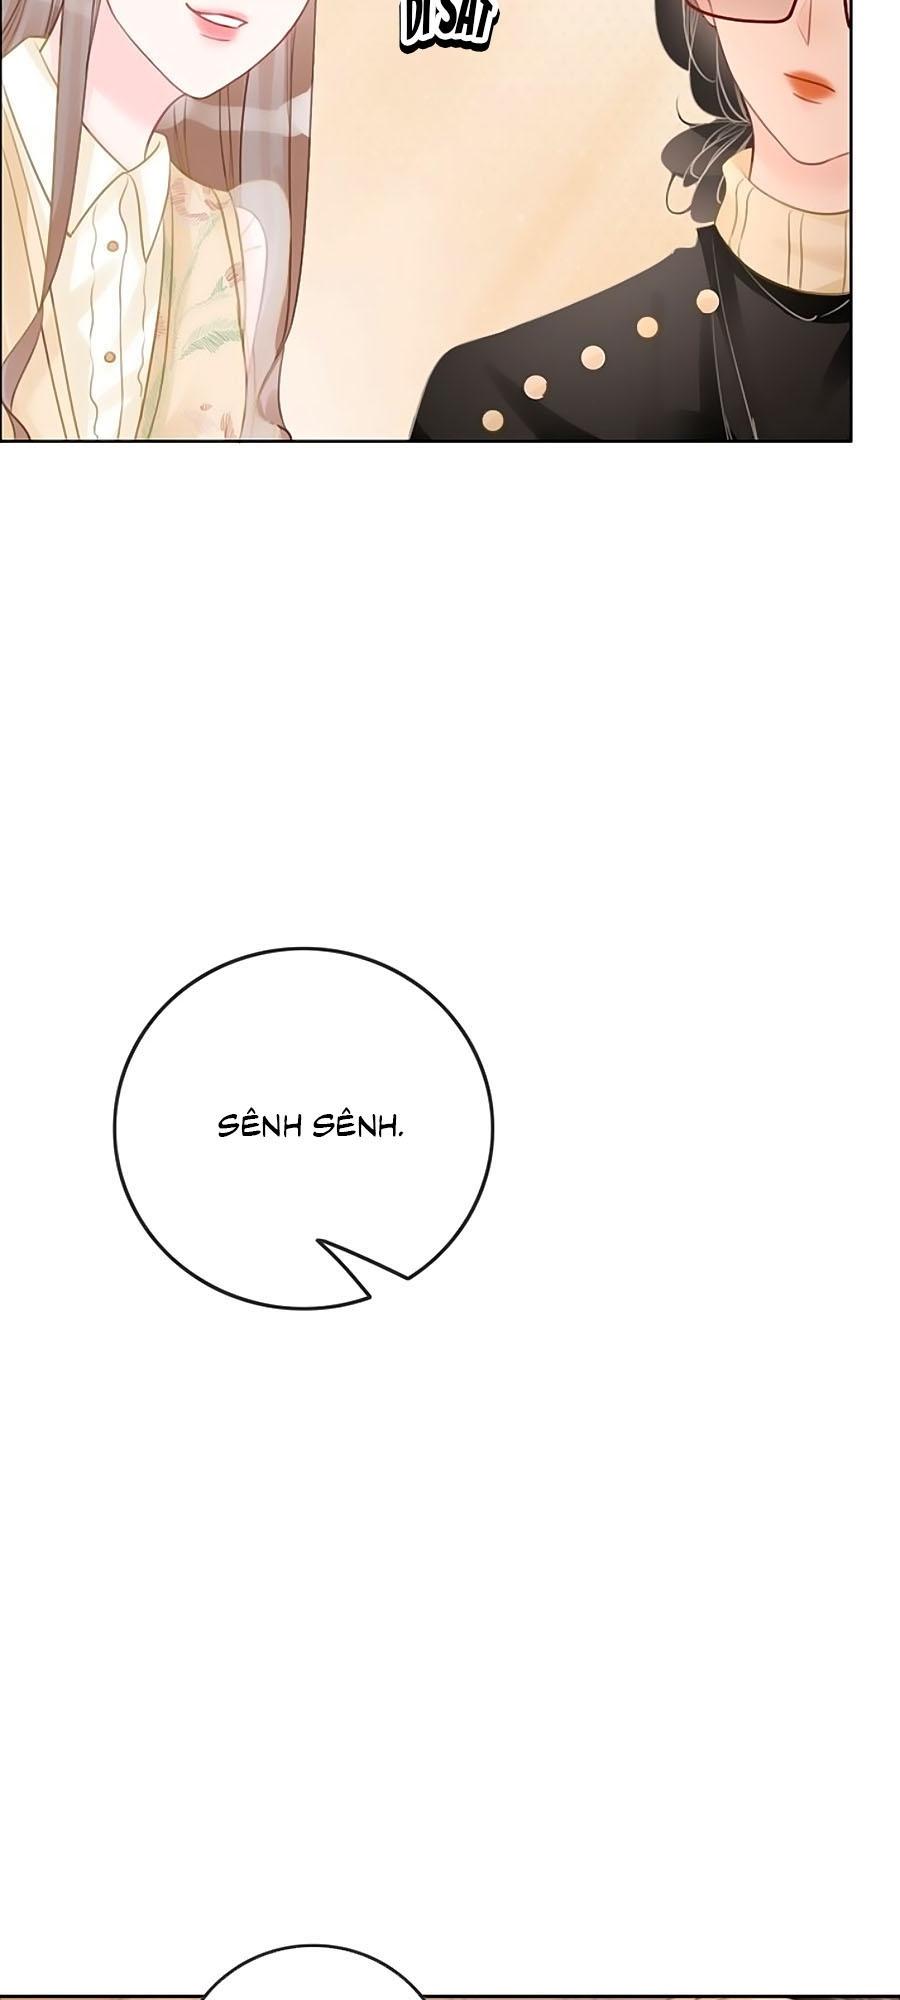 Ám Hắc Hệ Noãn Hôn chap 56 - Trang 2